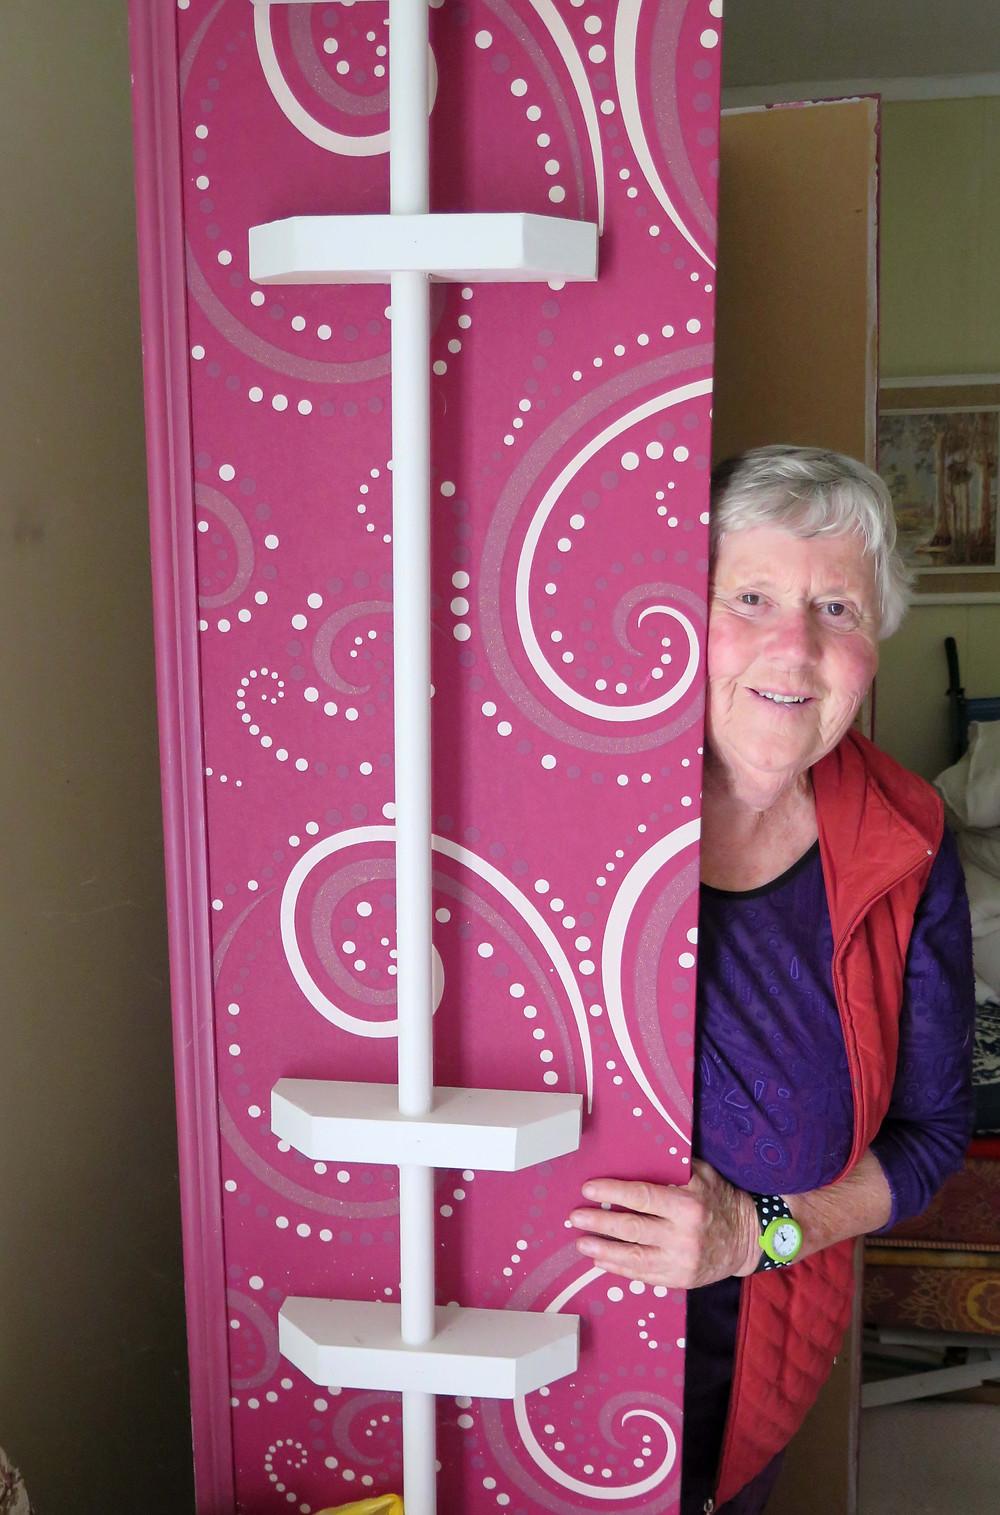 ケイティーさんと自作の棺。バーゲンで見つけた壁紙を張った(C)Kiwi Coffin Club Rotorua